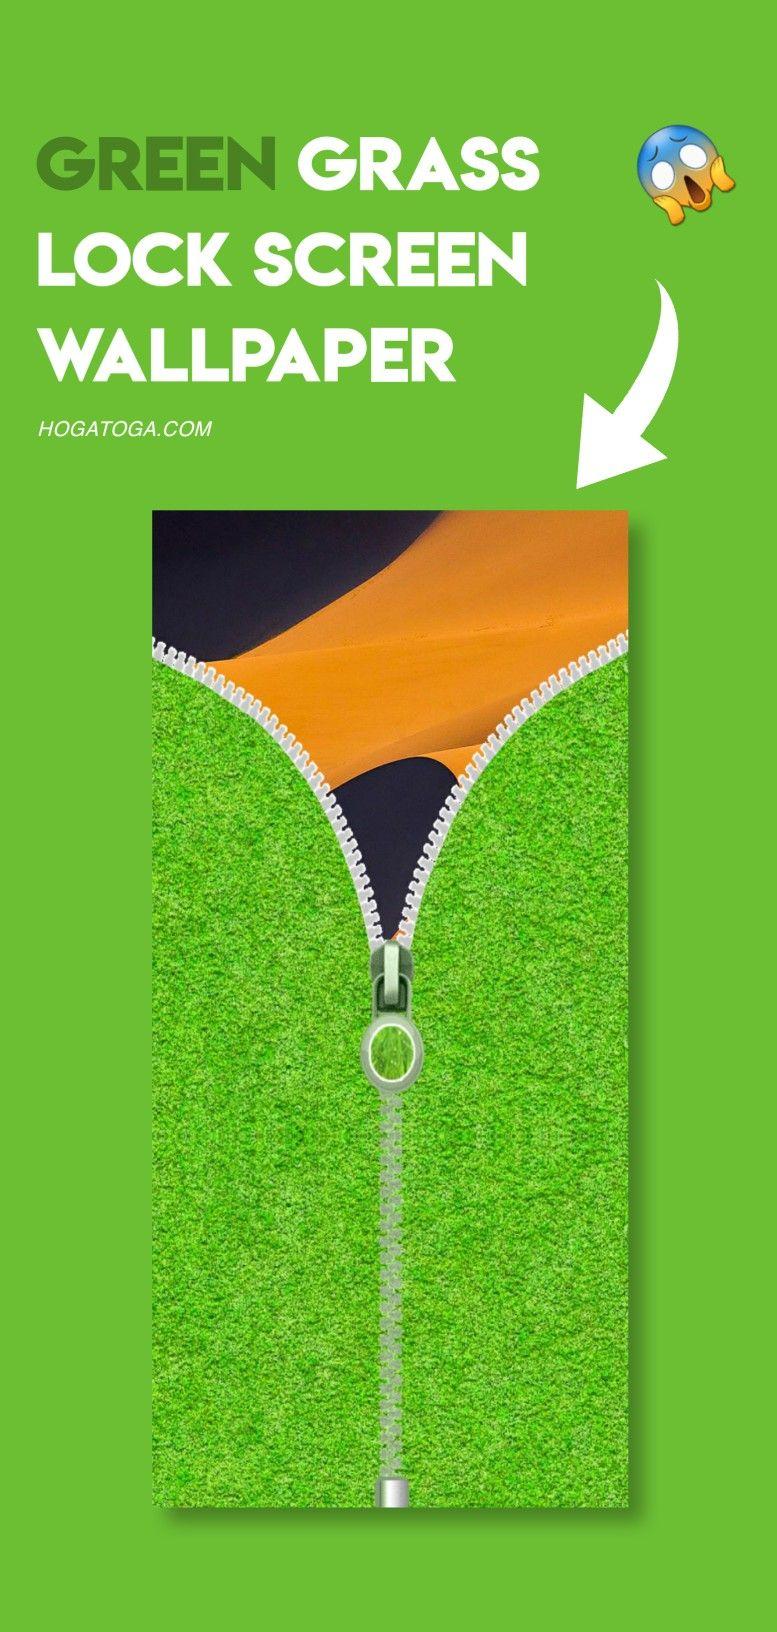 Pin on Wallpaper app